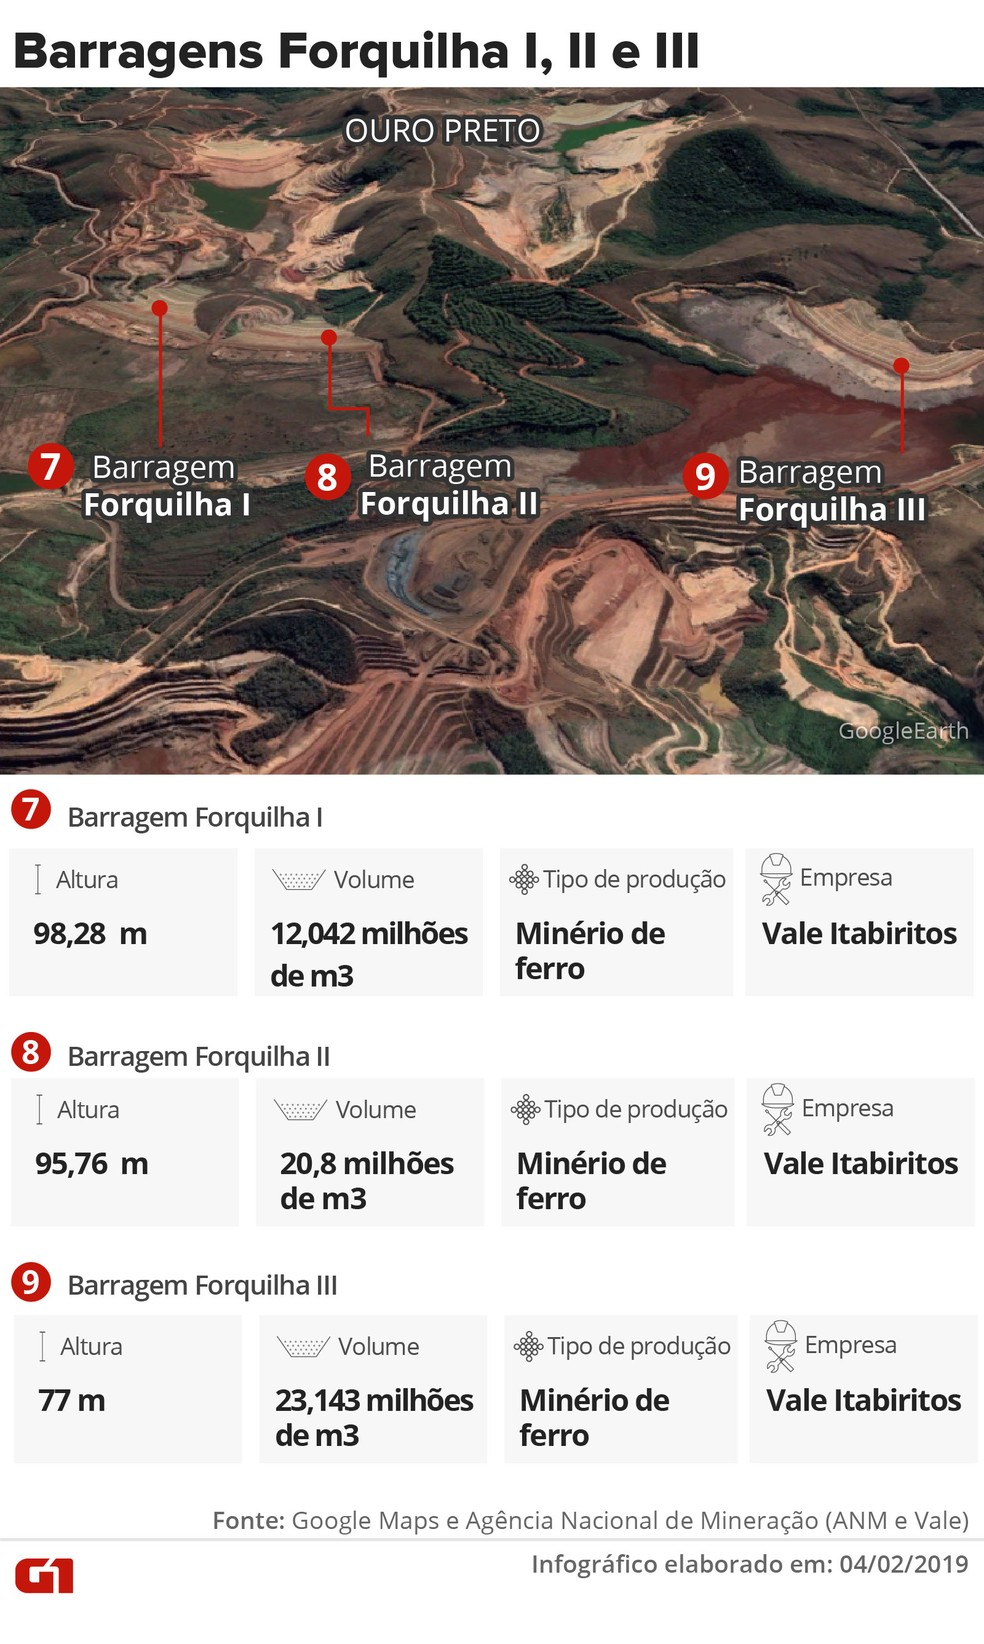 Barragens Forquilha — Foto: Infográfico: Juliane Monteiro e Karina Almeida/G1